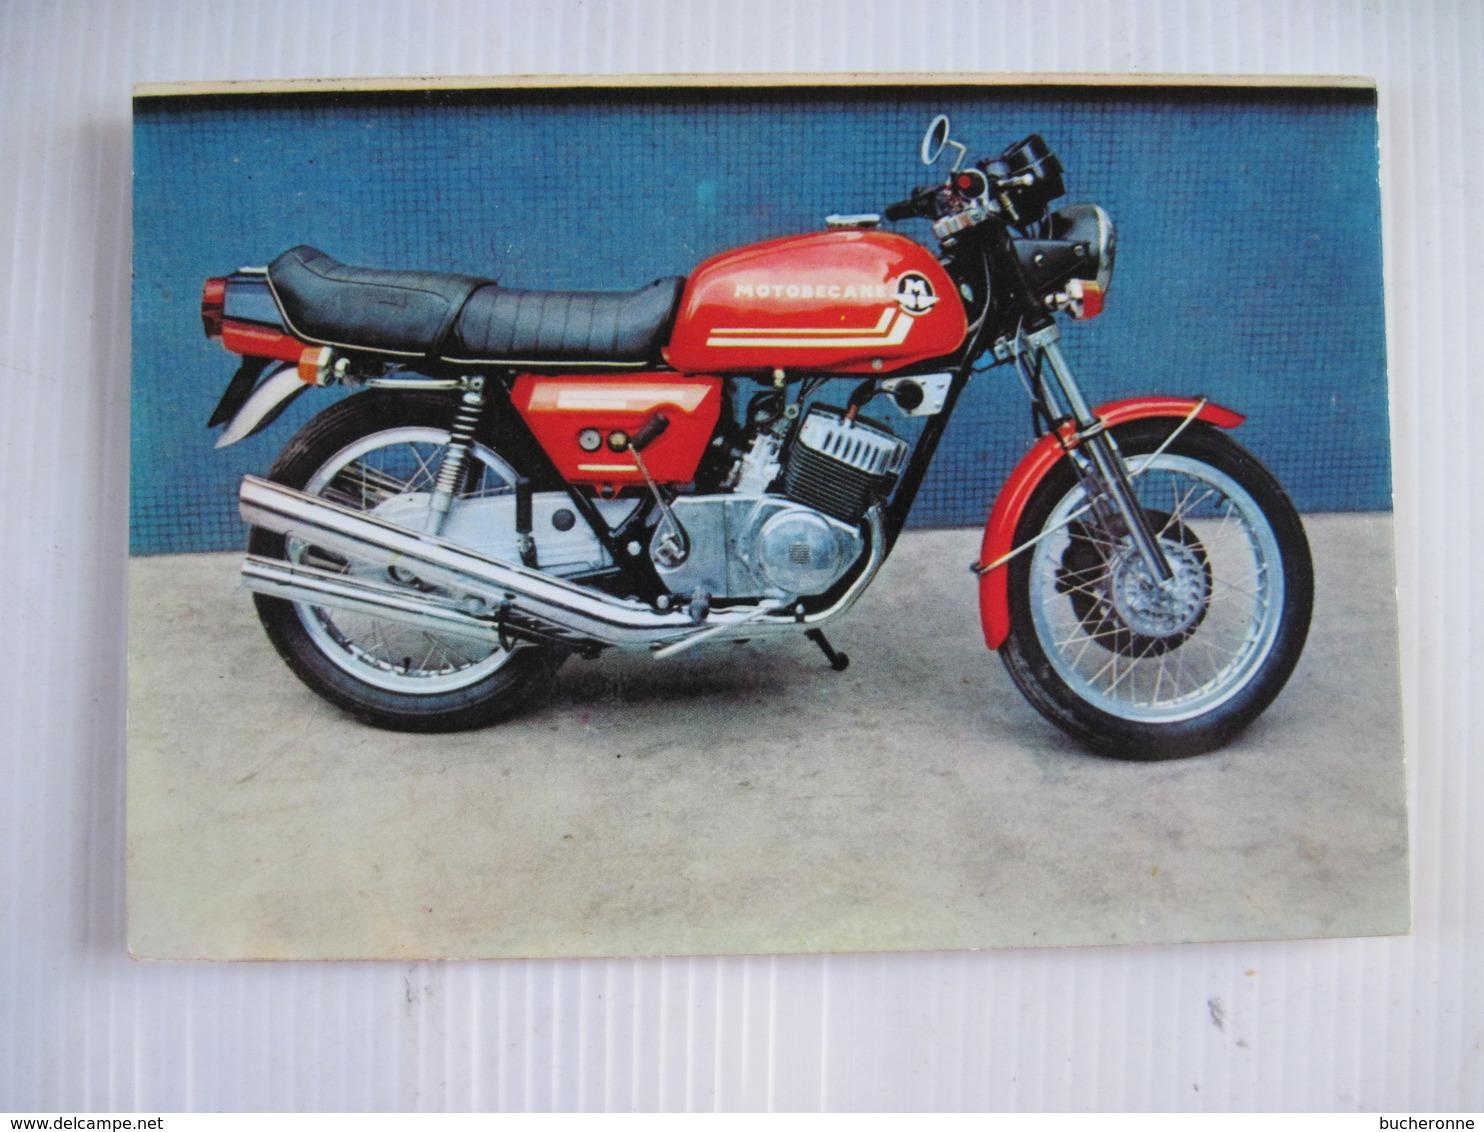 CPSM Moto Motobecane 350 Cm3 - Moto Revue 1974 - Motos